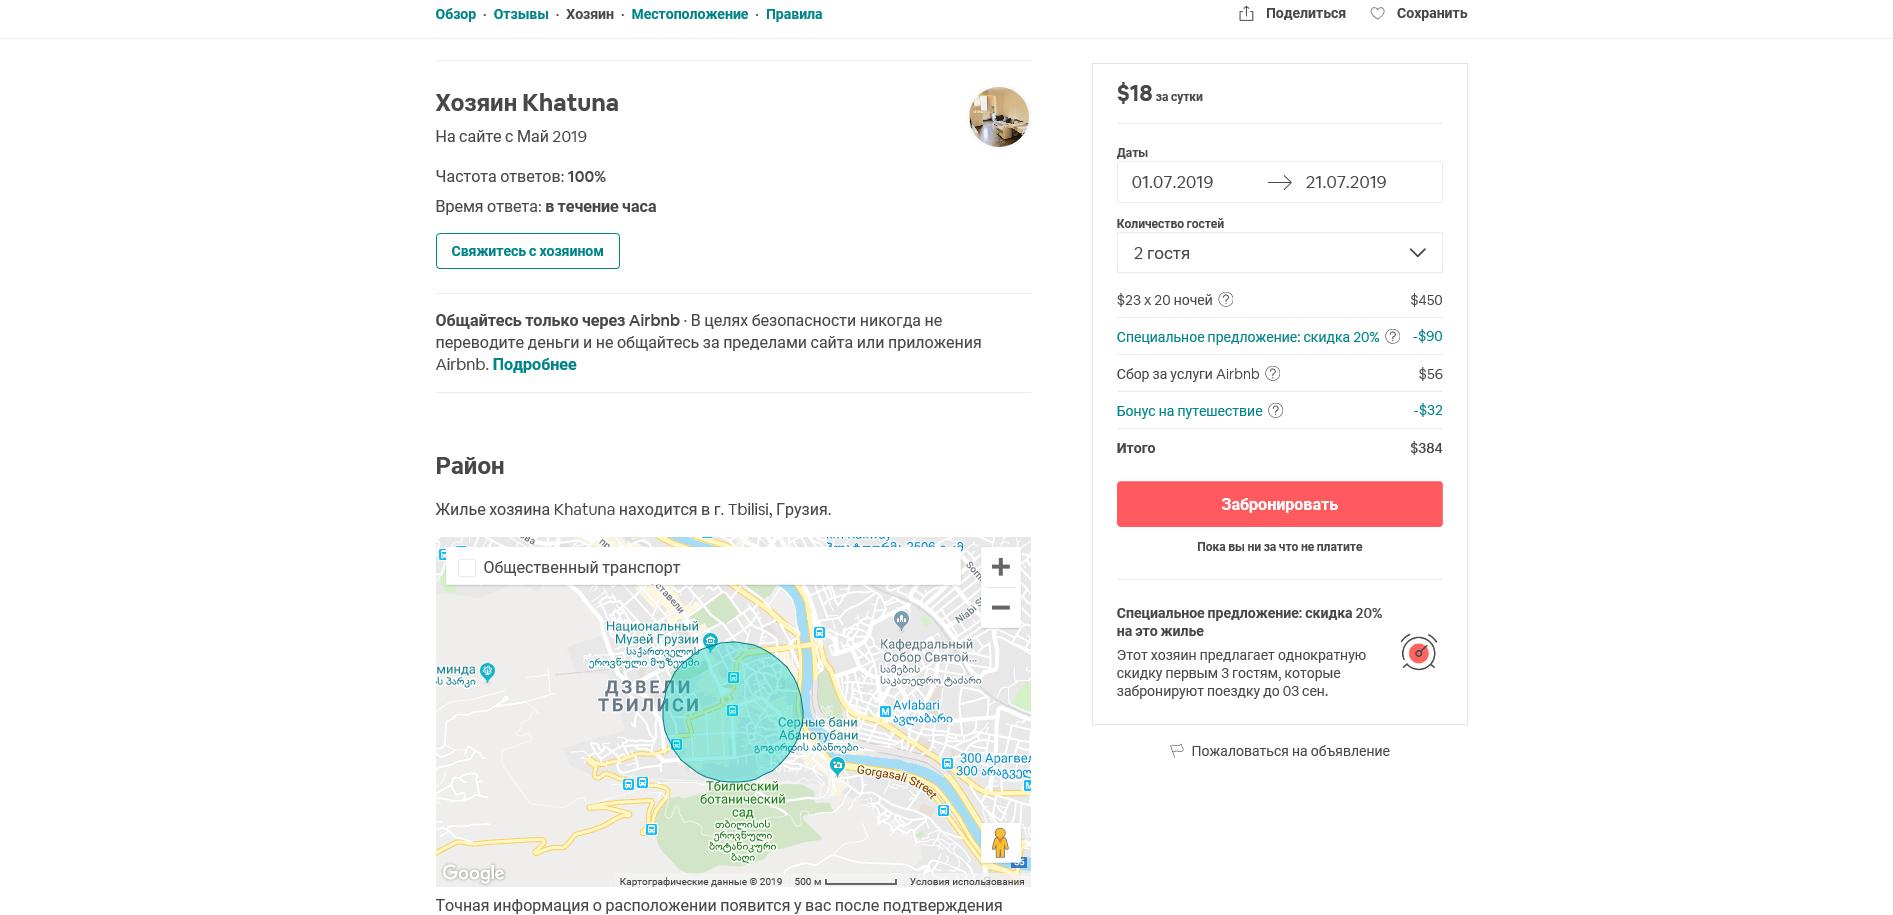 как бронировать жилье на airbnb